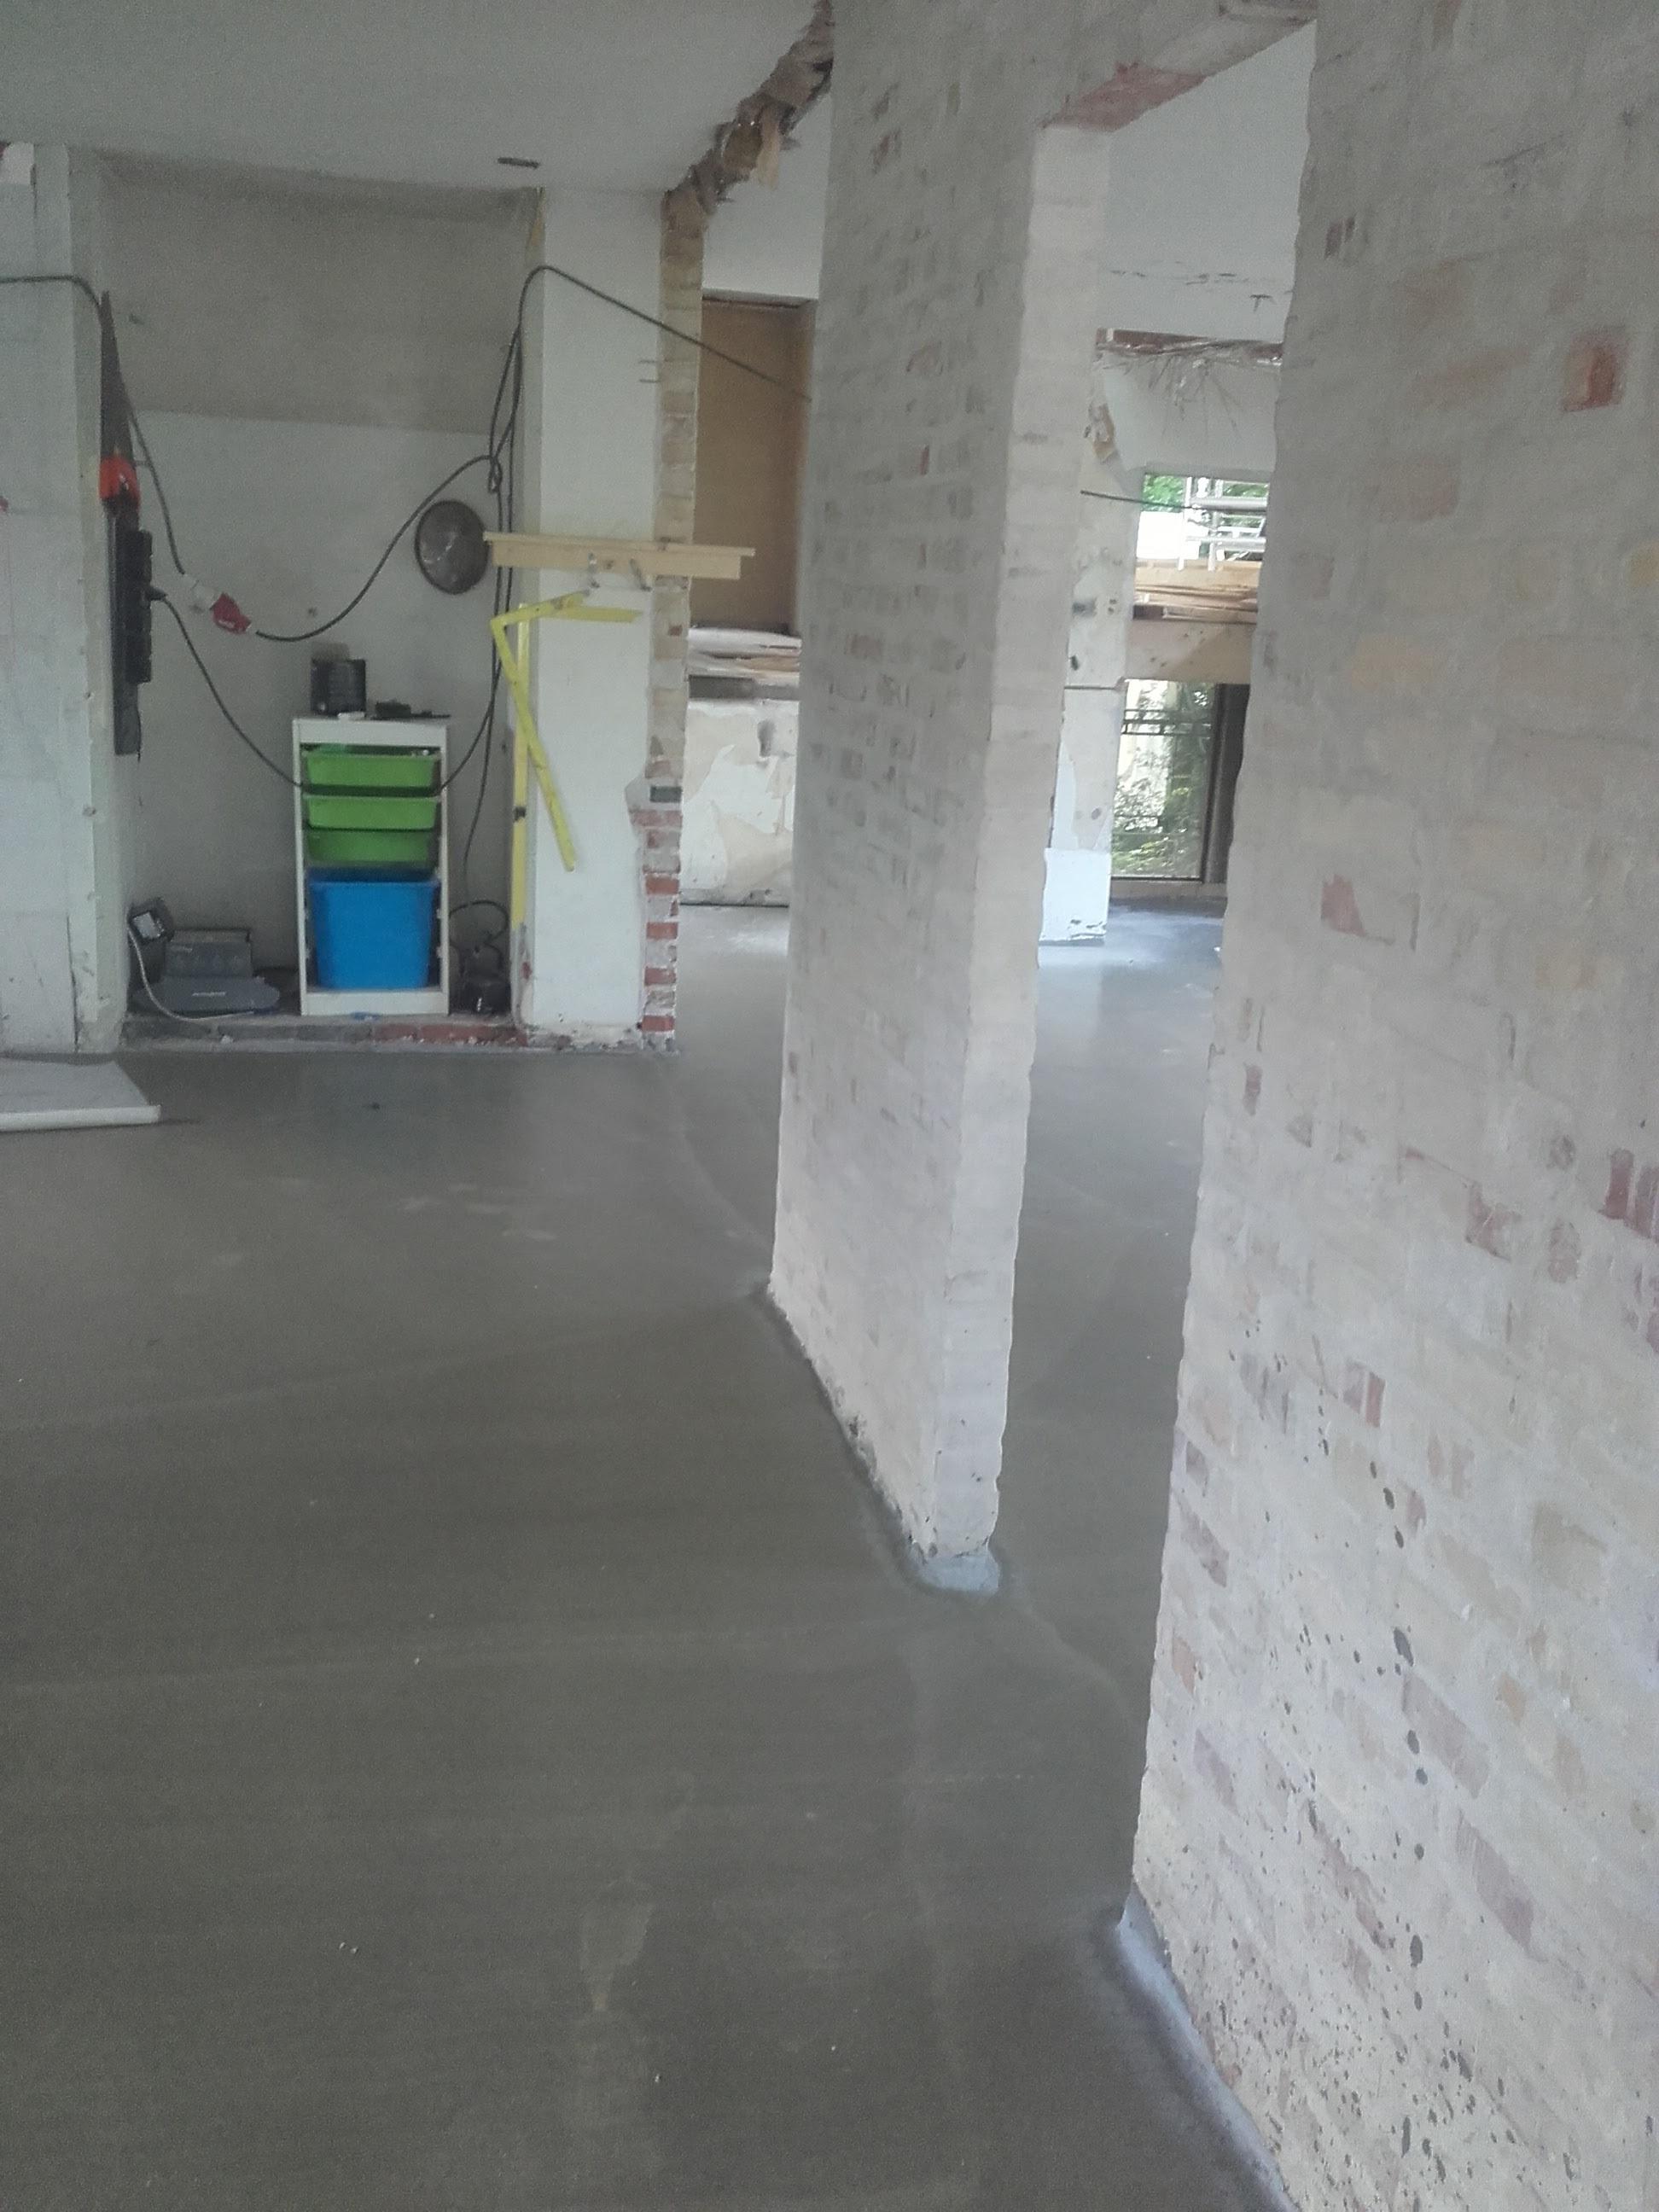 Støbning af gulve til klargøring for både klinkegulve og trægulve.